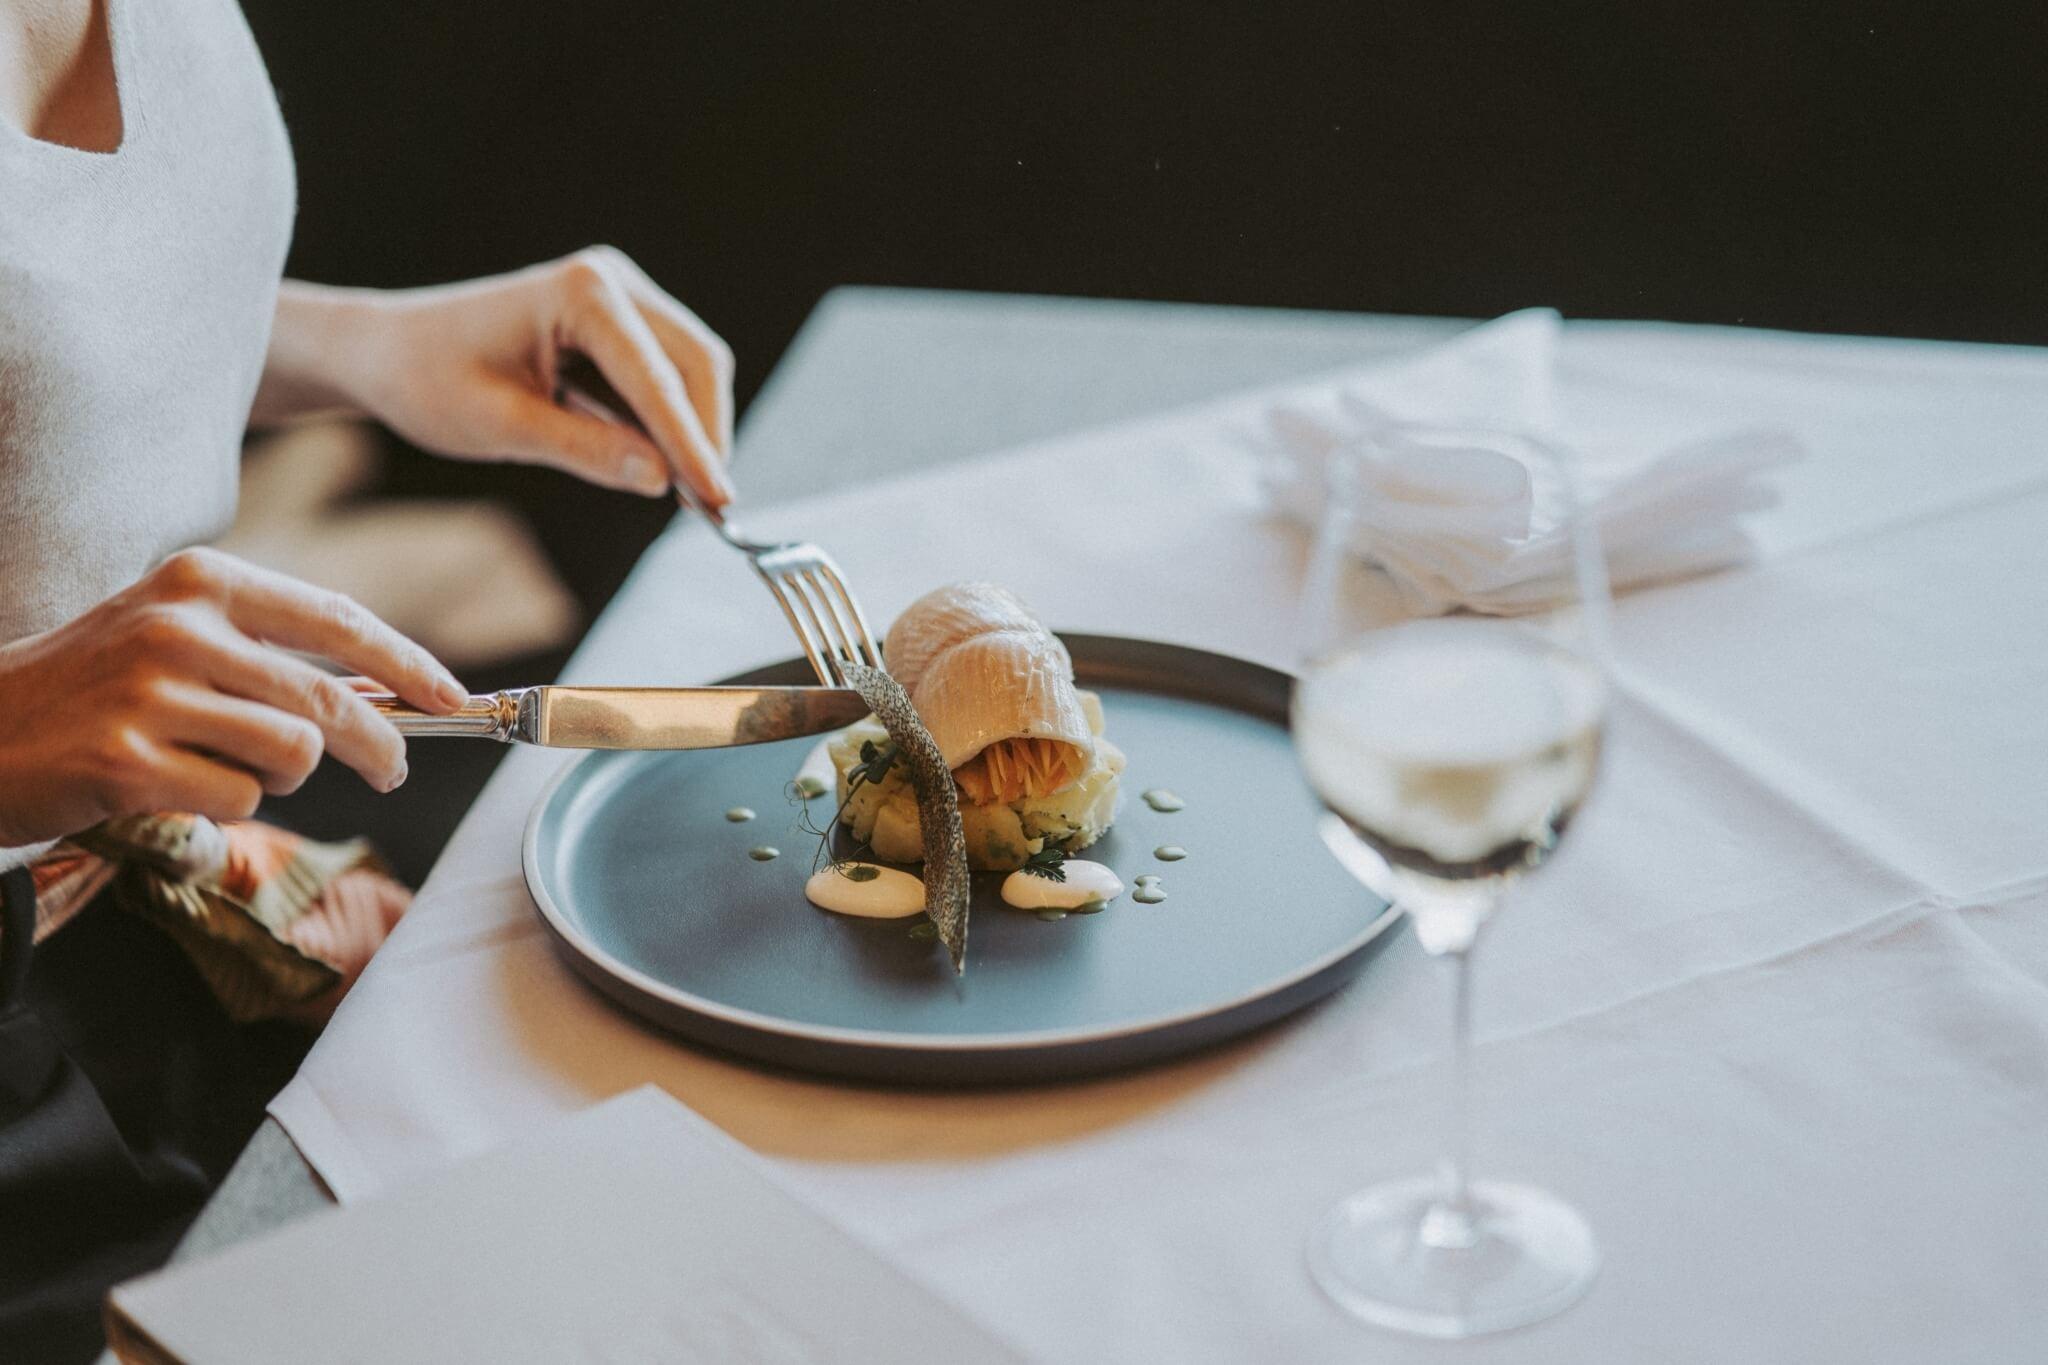 Schön gedeckter Tisch, Teller mit Essen